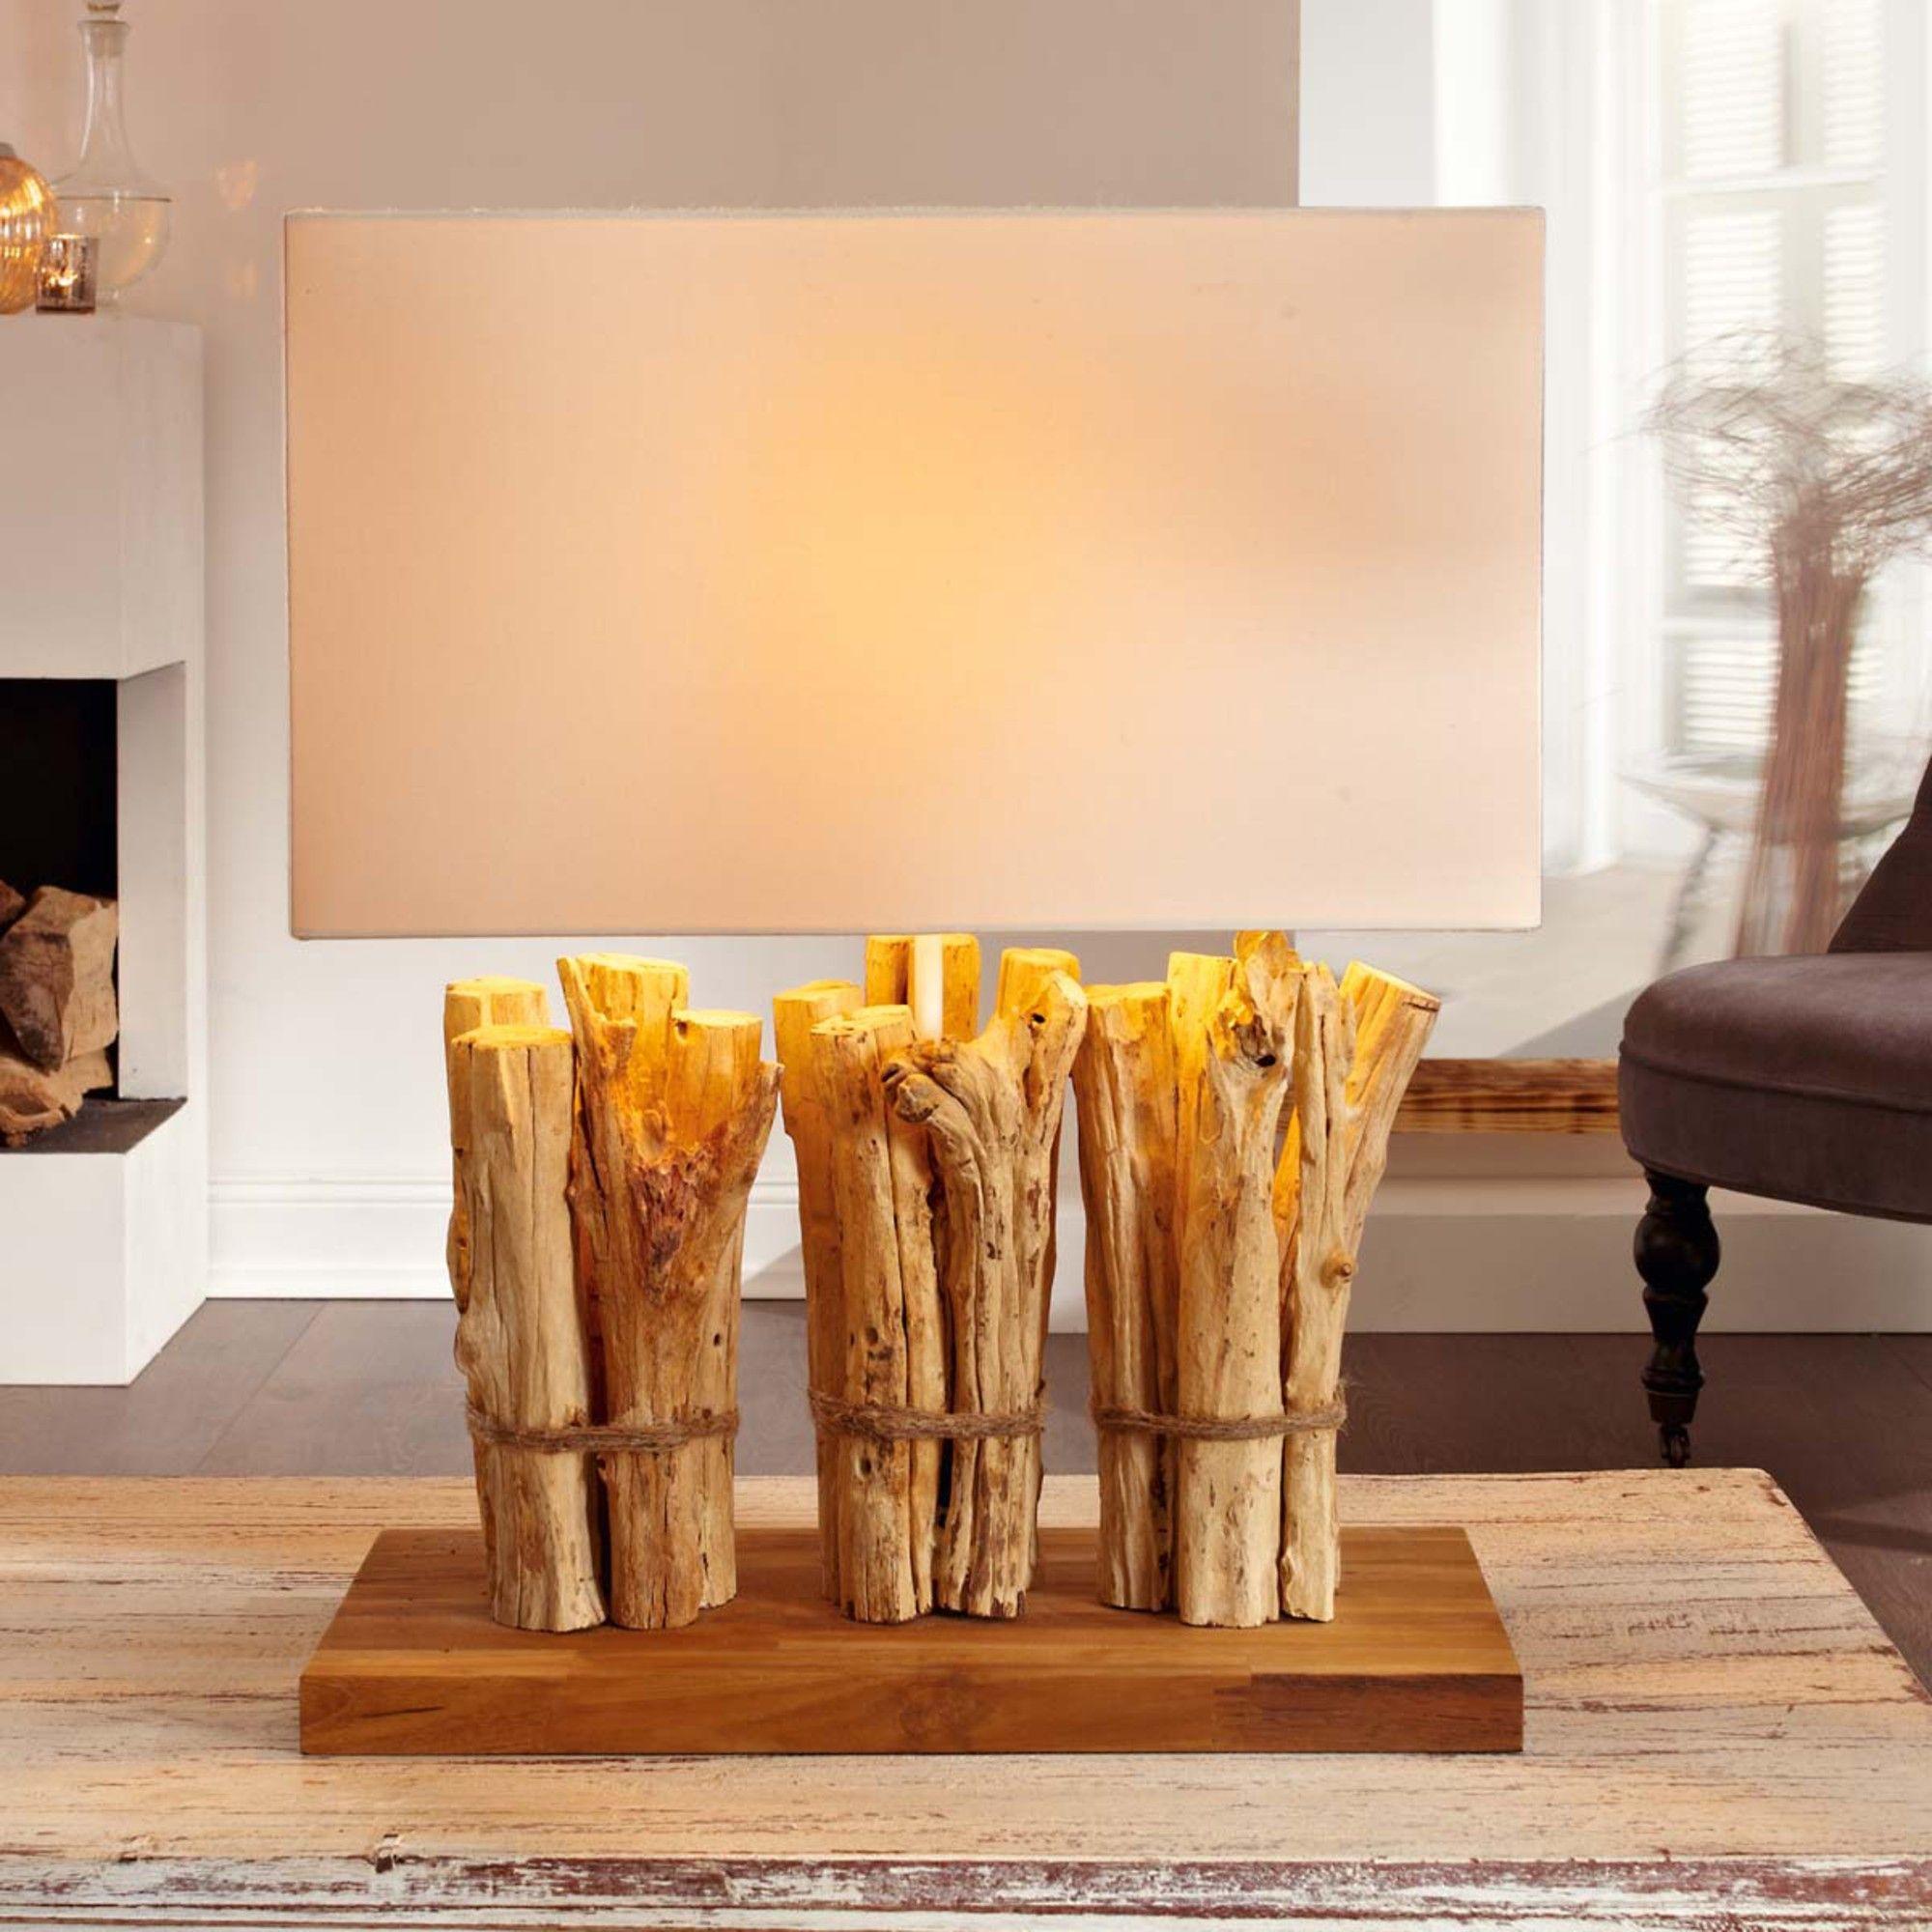 Design tischleuchte tischlampe holz tischleuchte holz zuk nftige projekte pinterest - Einrichtungsideen schlafzimmer selber machen ...